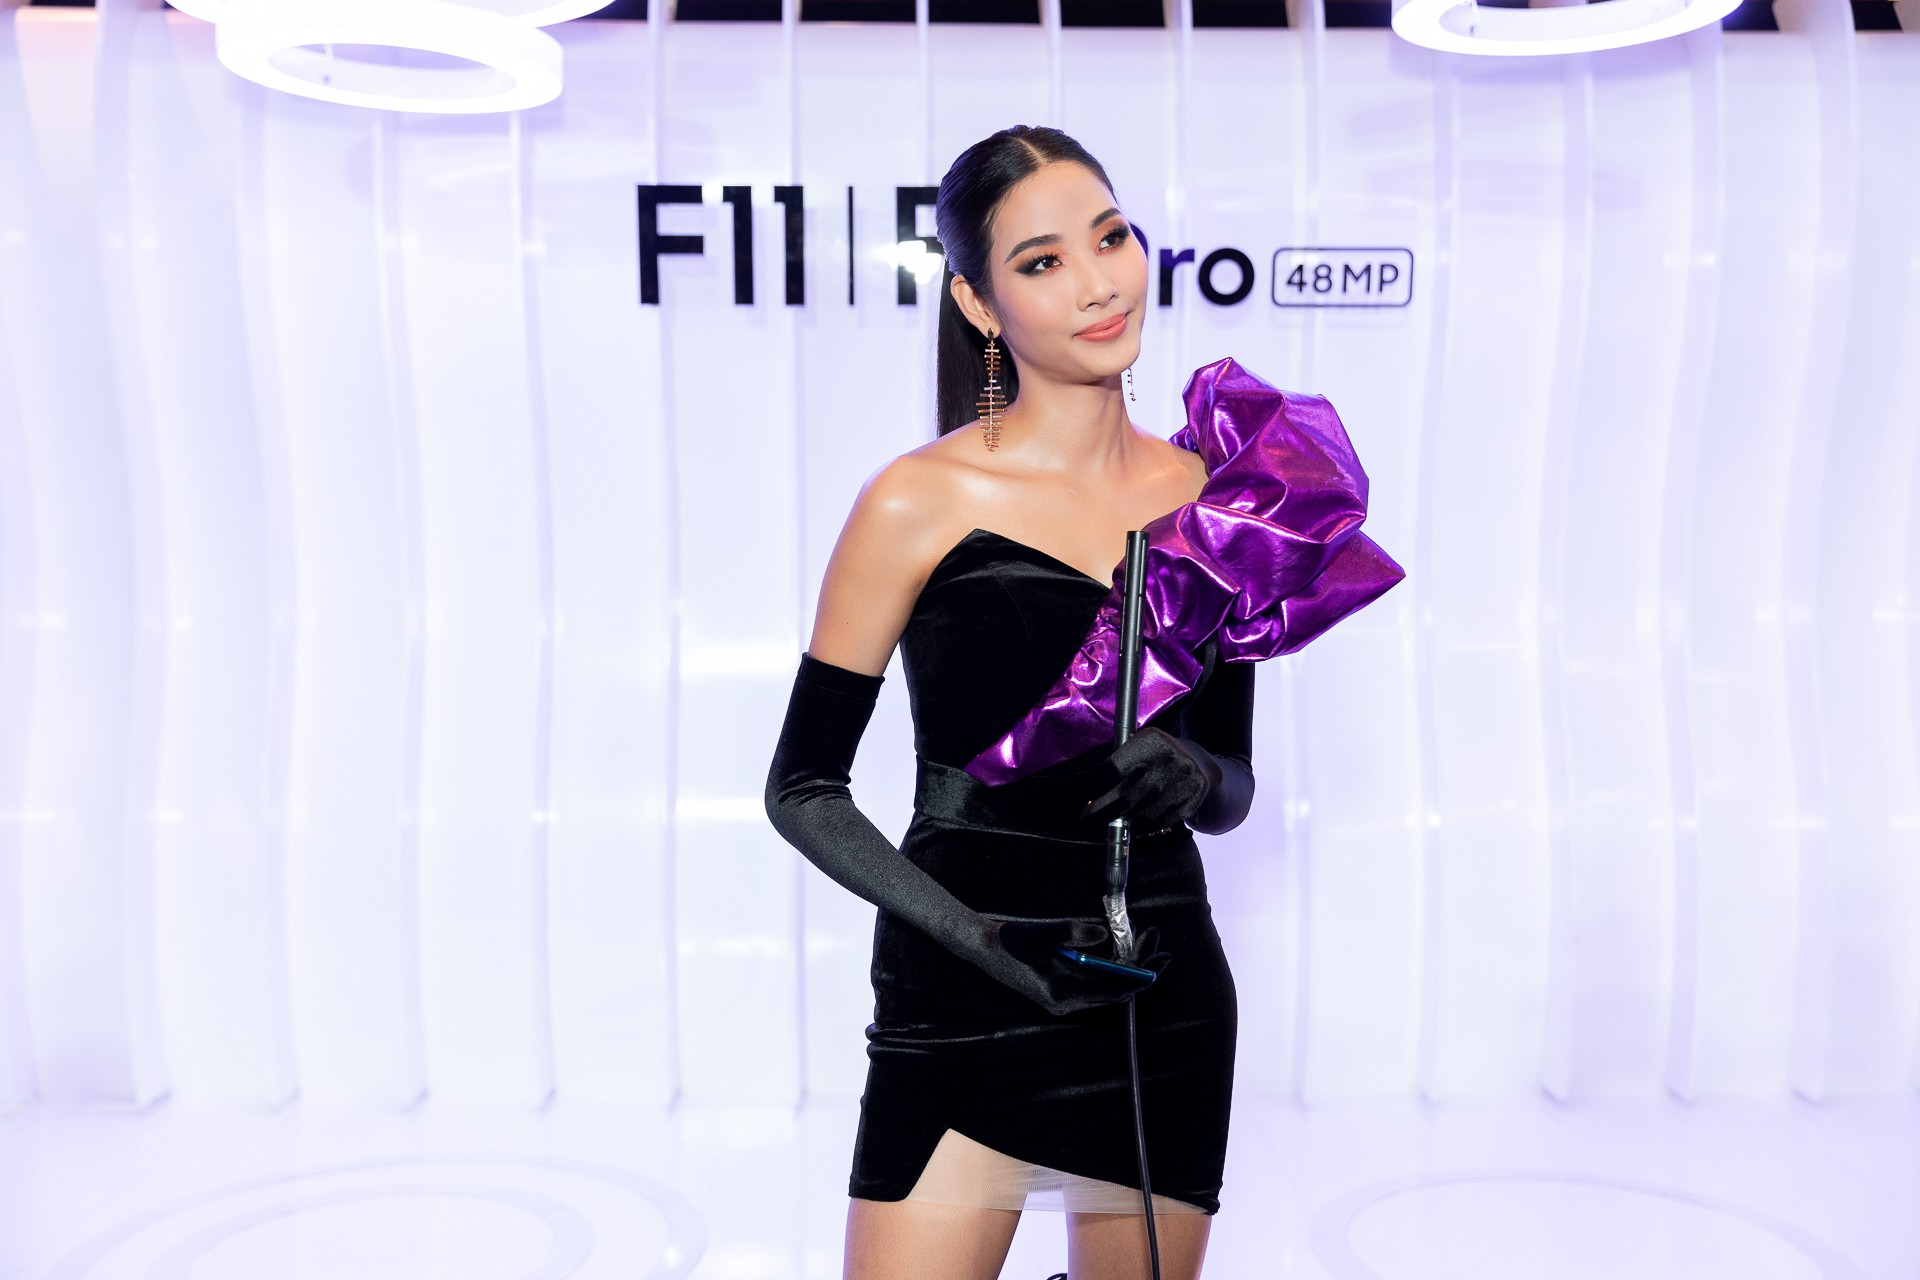 Hoa hậu Hương Giang hờ hững khoe vòng 1 gợi cảm, rapper Đen Vâu cực ngầu hội ngộ dàn sao Việt - Ảnh 8.